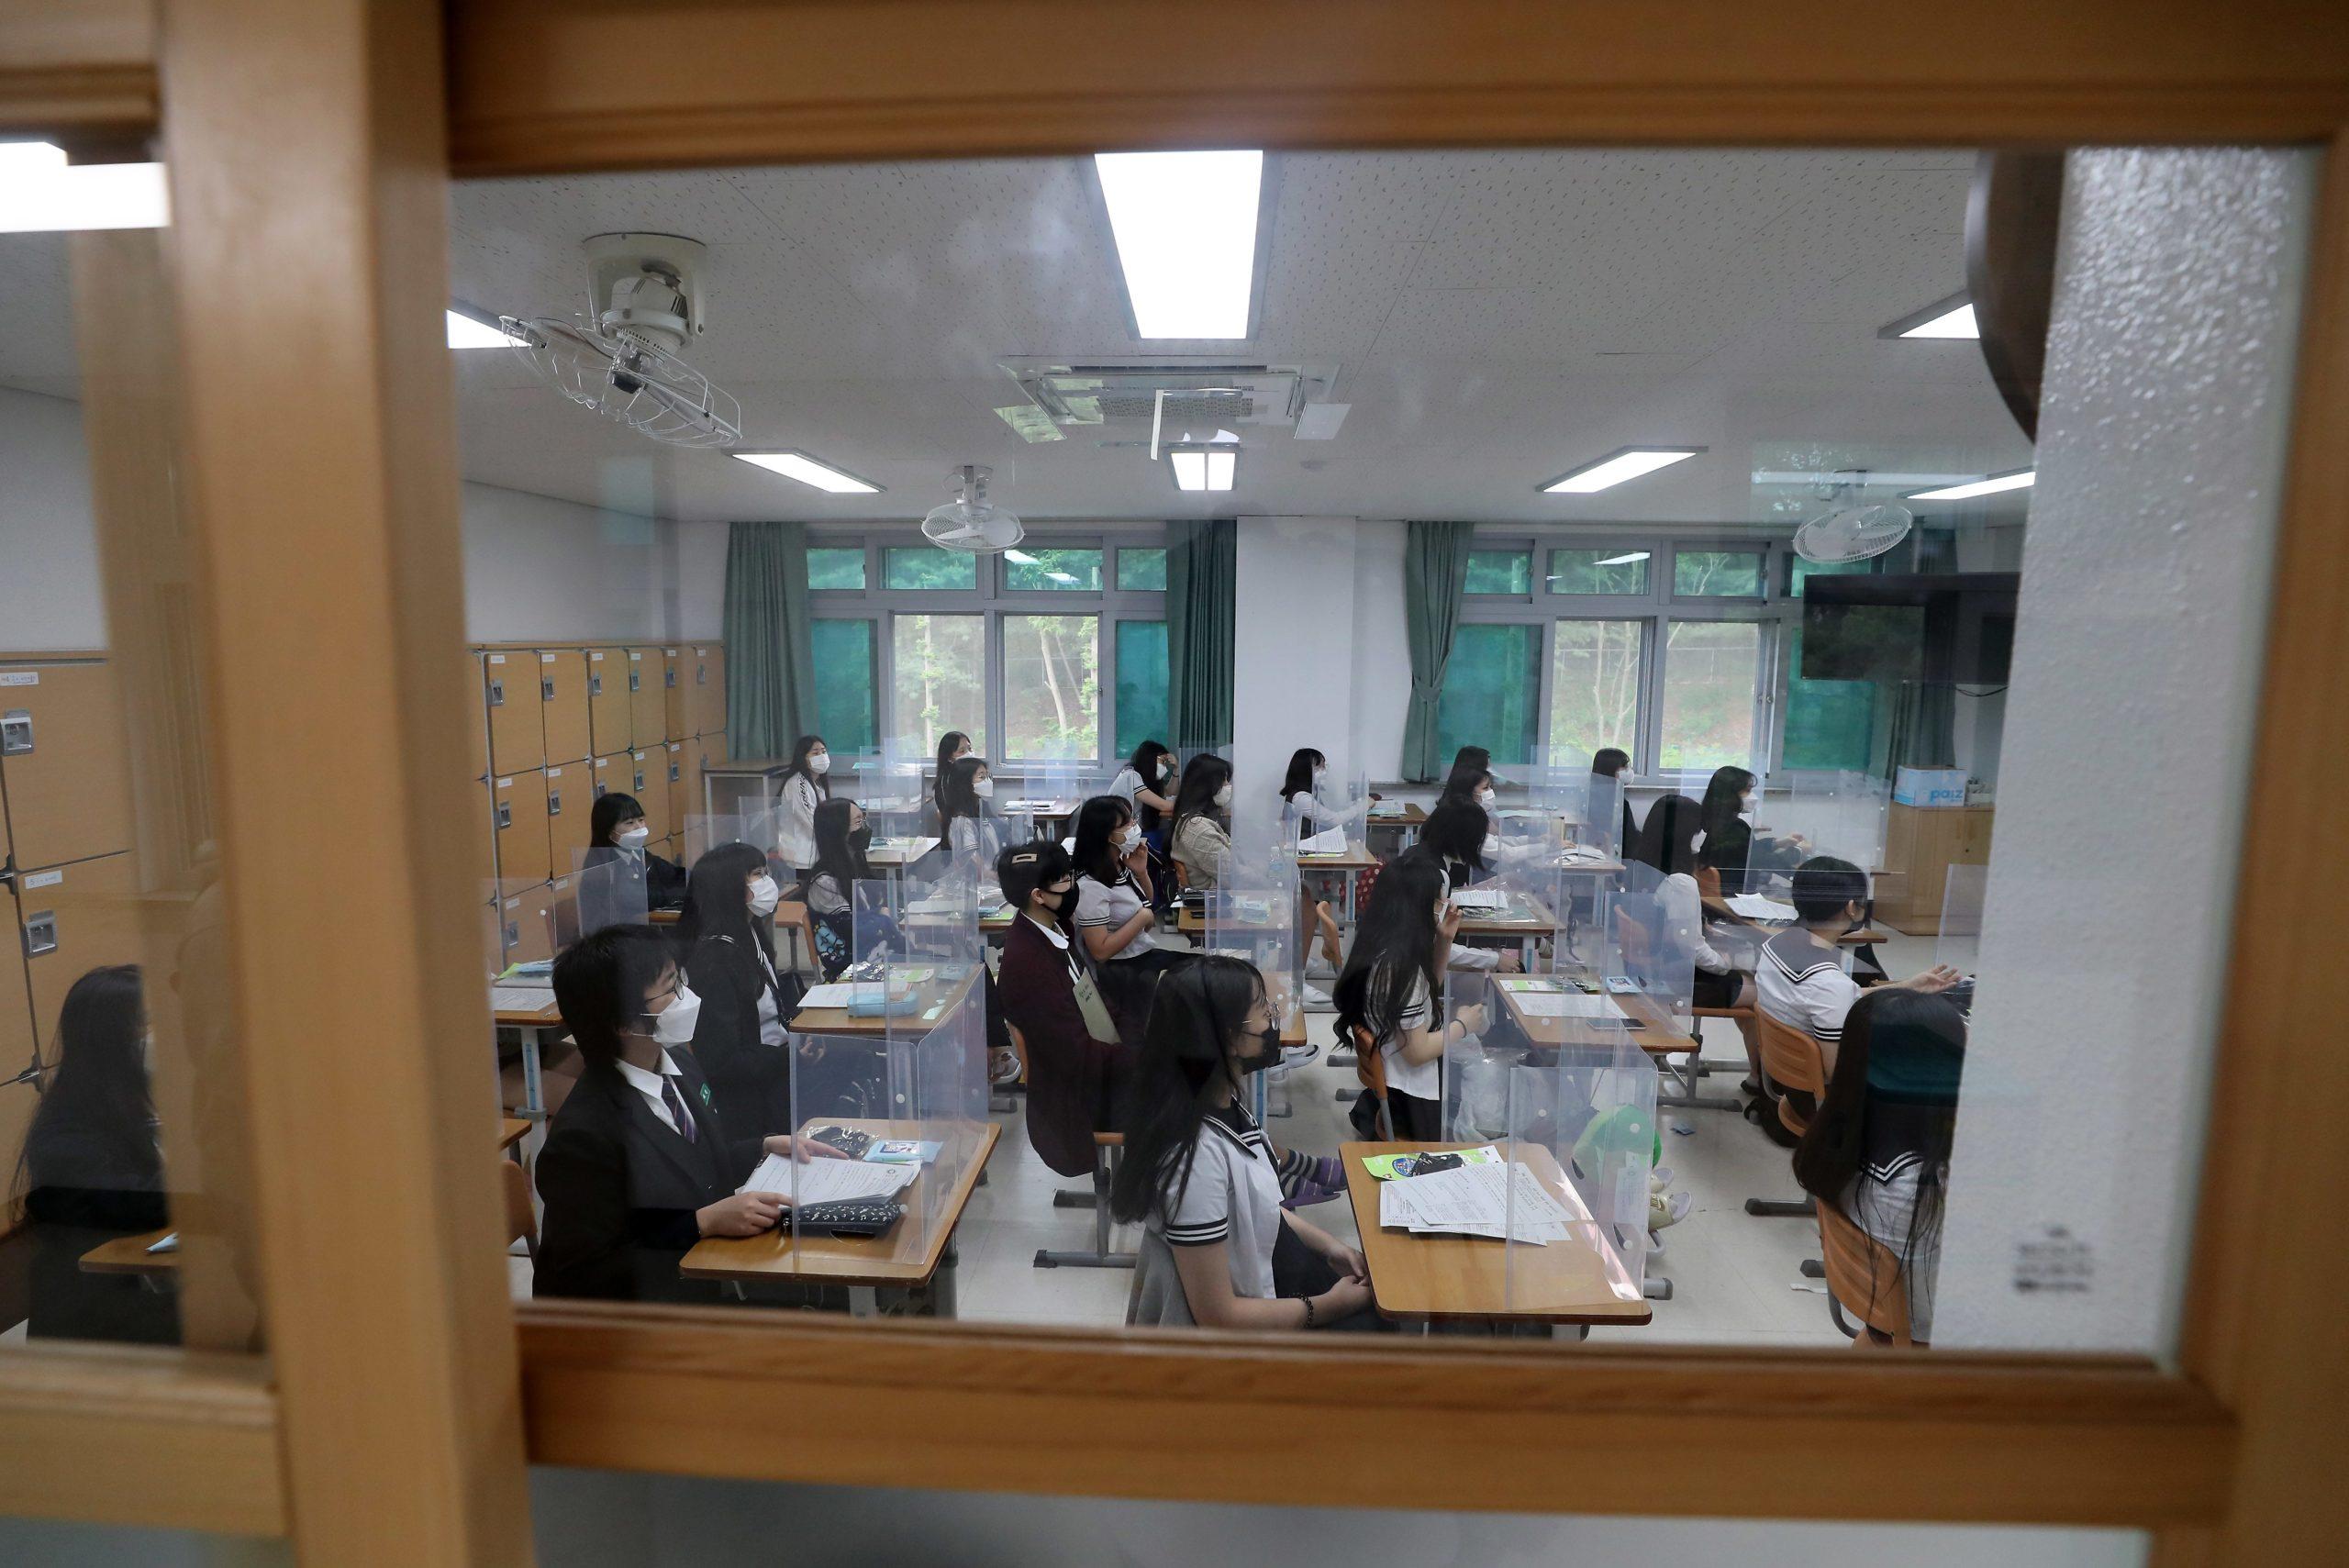 เกาหลีใต้จำกัดจำนวนนร.เข้าห้องเรียน หลังพบผู้ป่วยโควิด-19 เพิ่มขึ้น